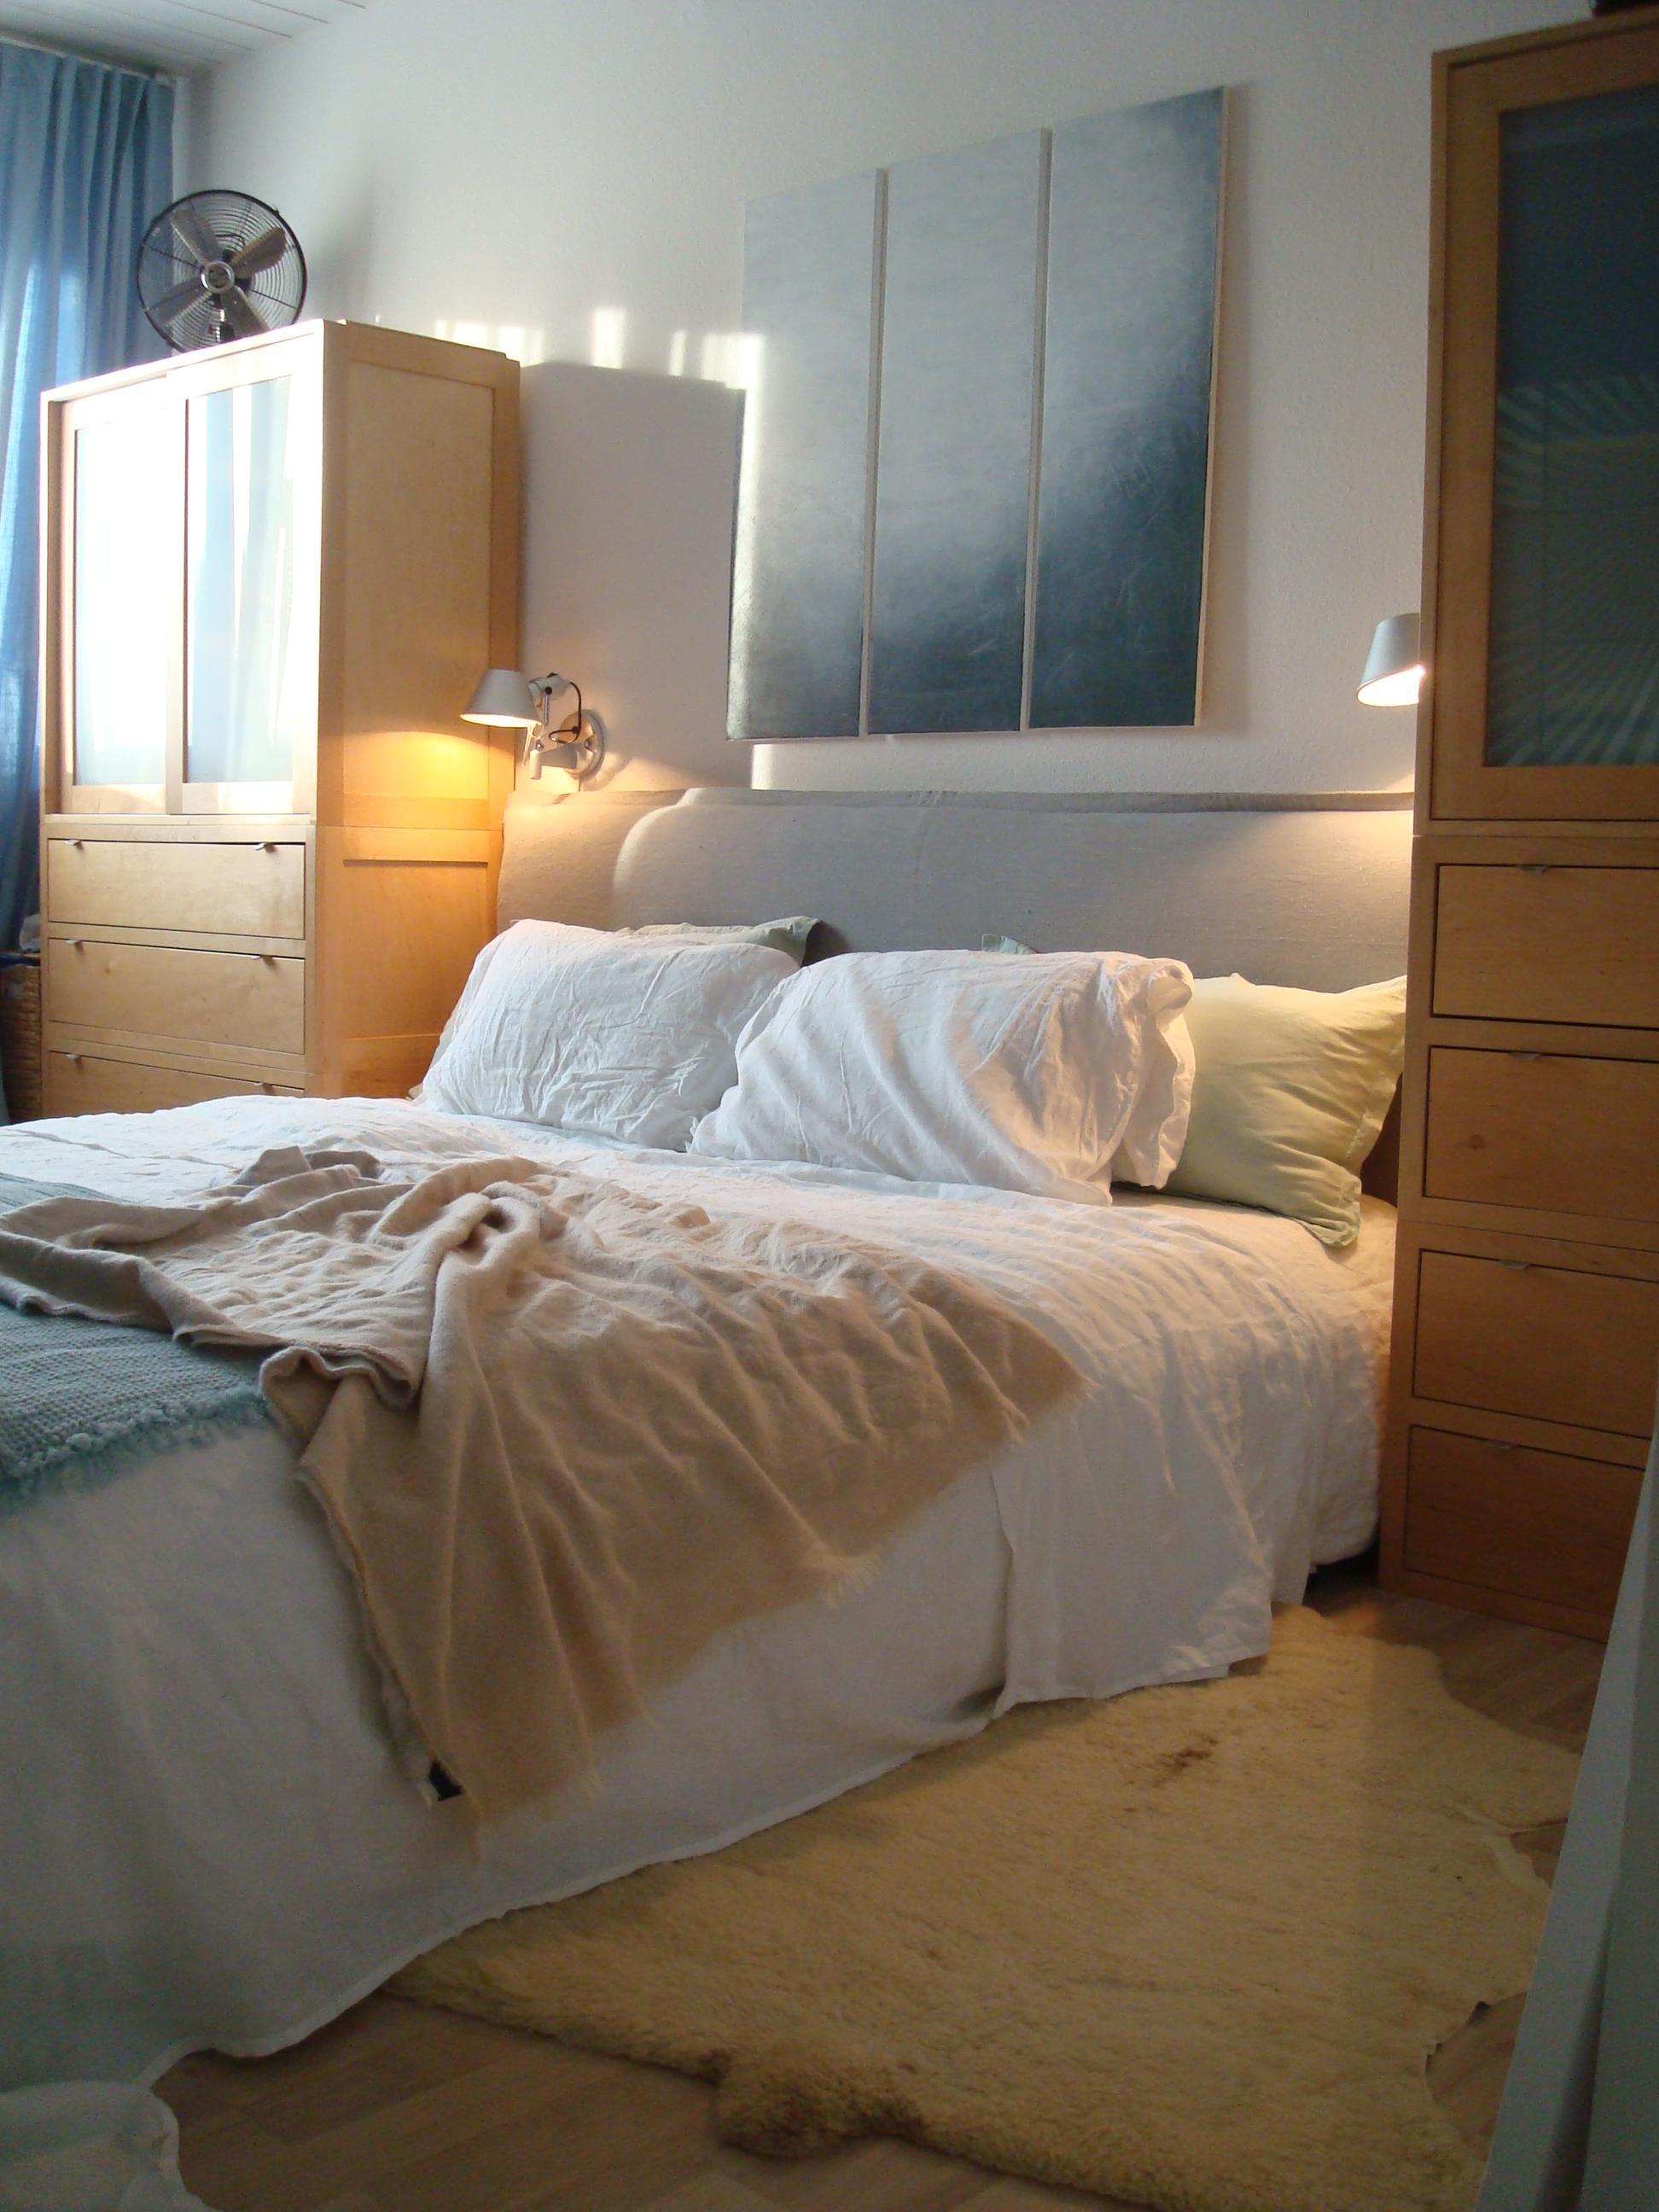 Farben im Schlafzimmer • Bilder & Ideen • COUCHstyle